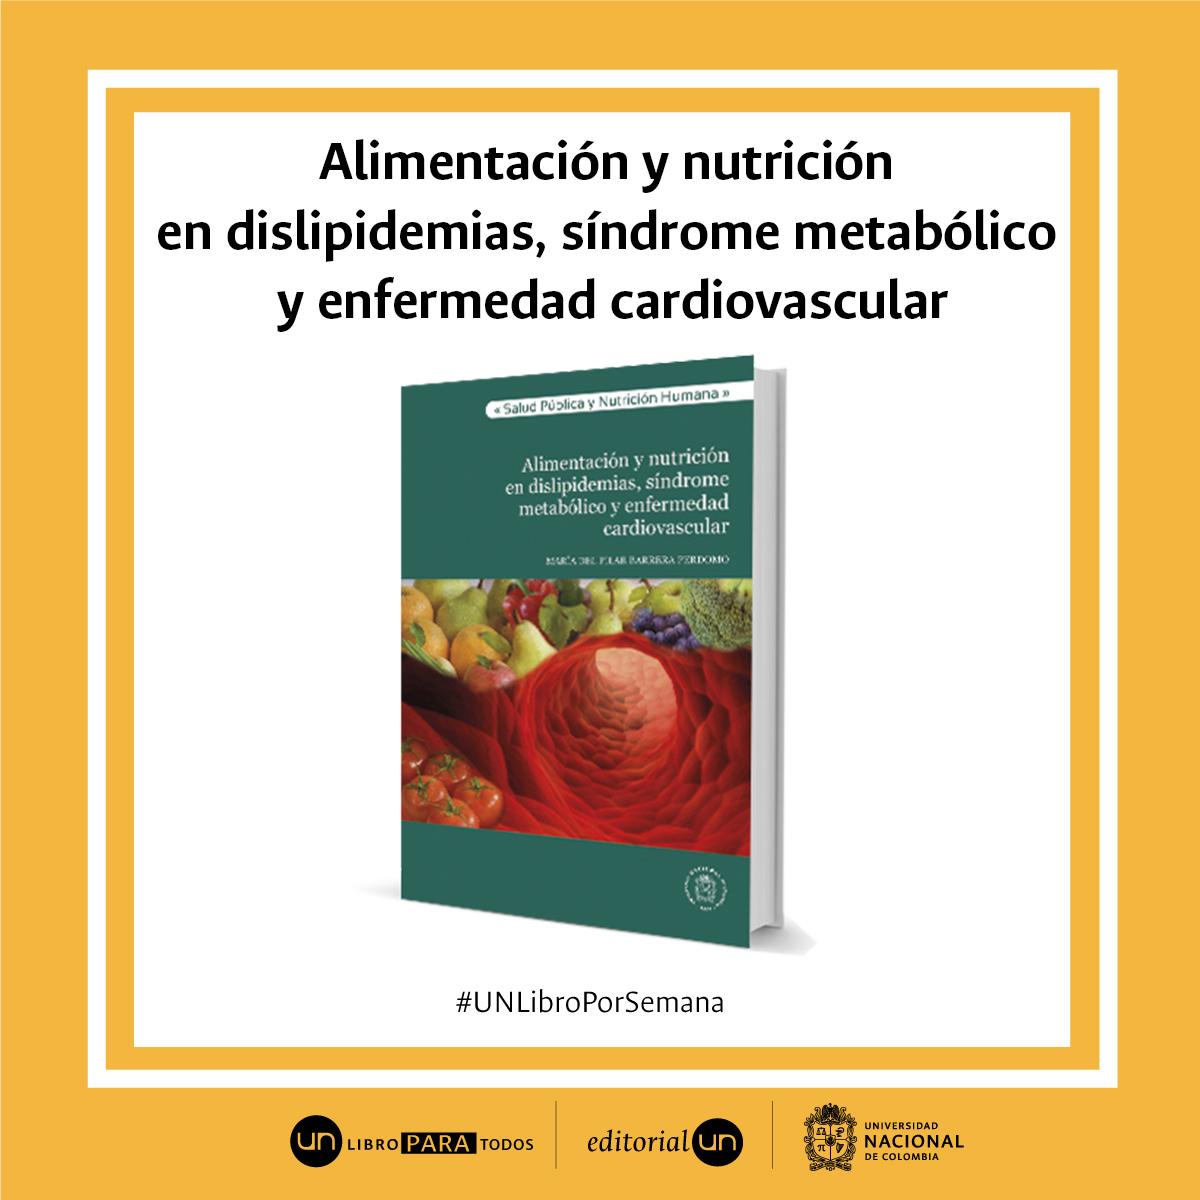 #Unlibroporsemana: 'Alimentacio?n y nutricio?n en dislipidemias'